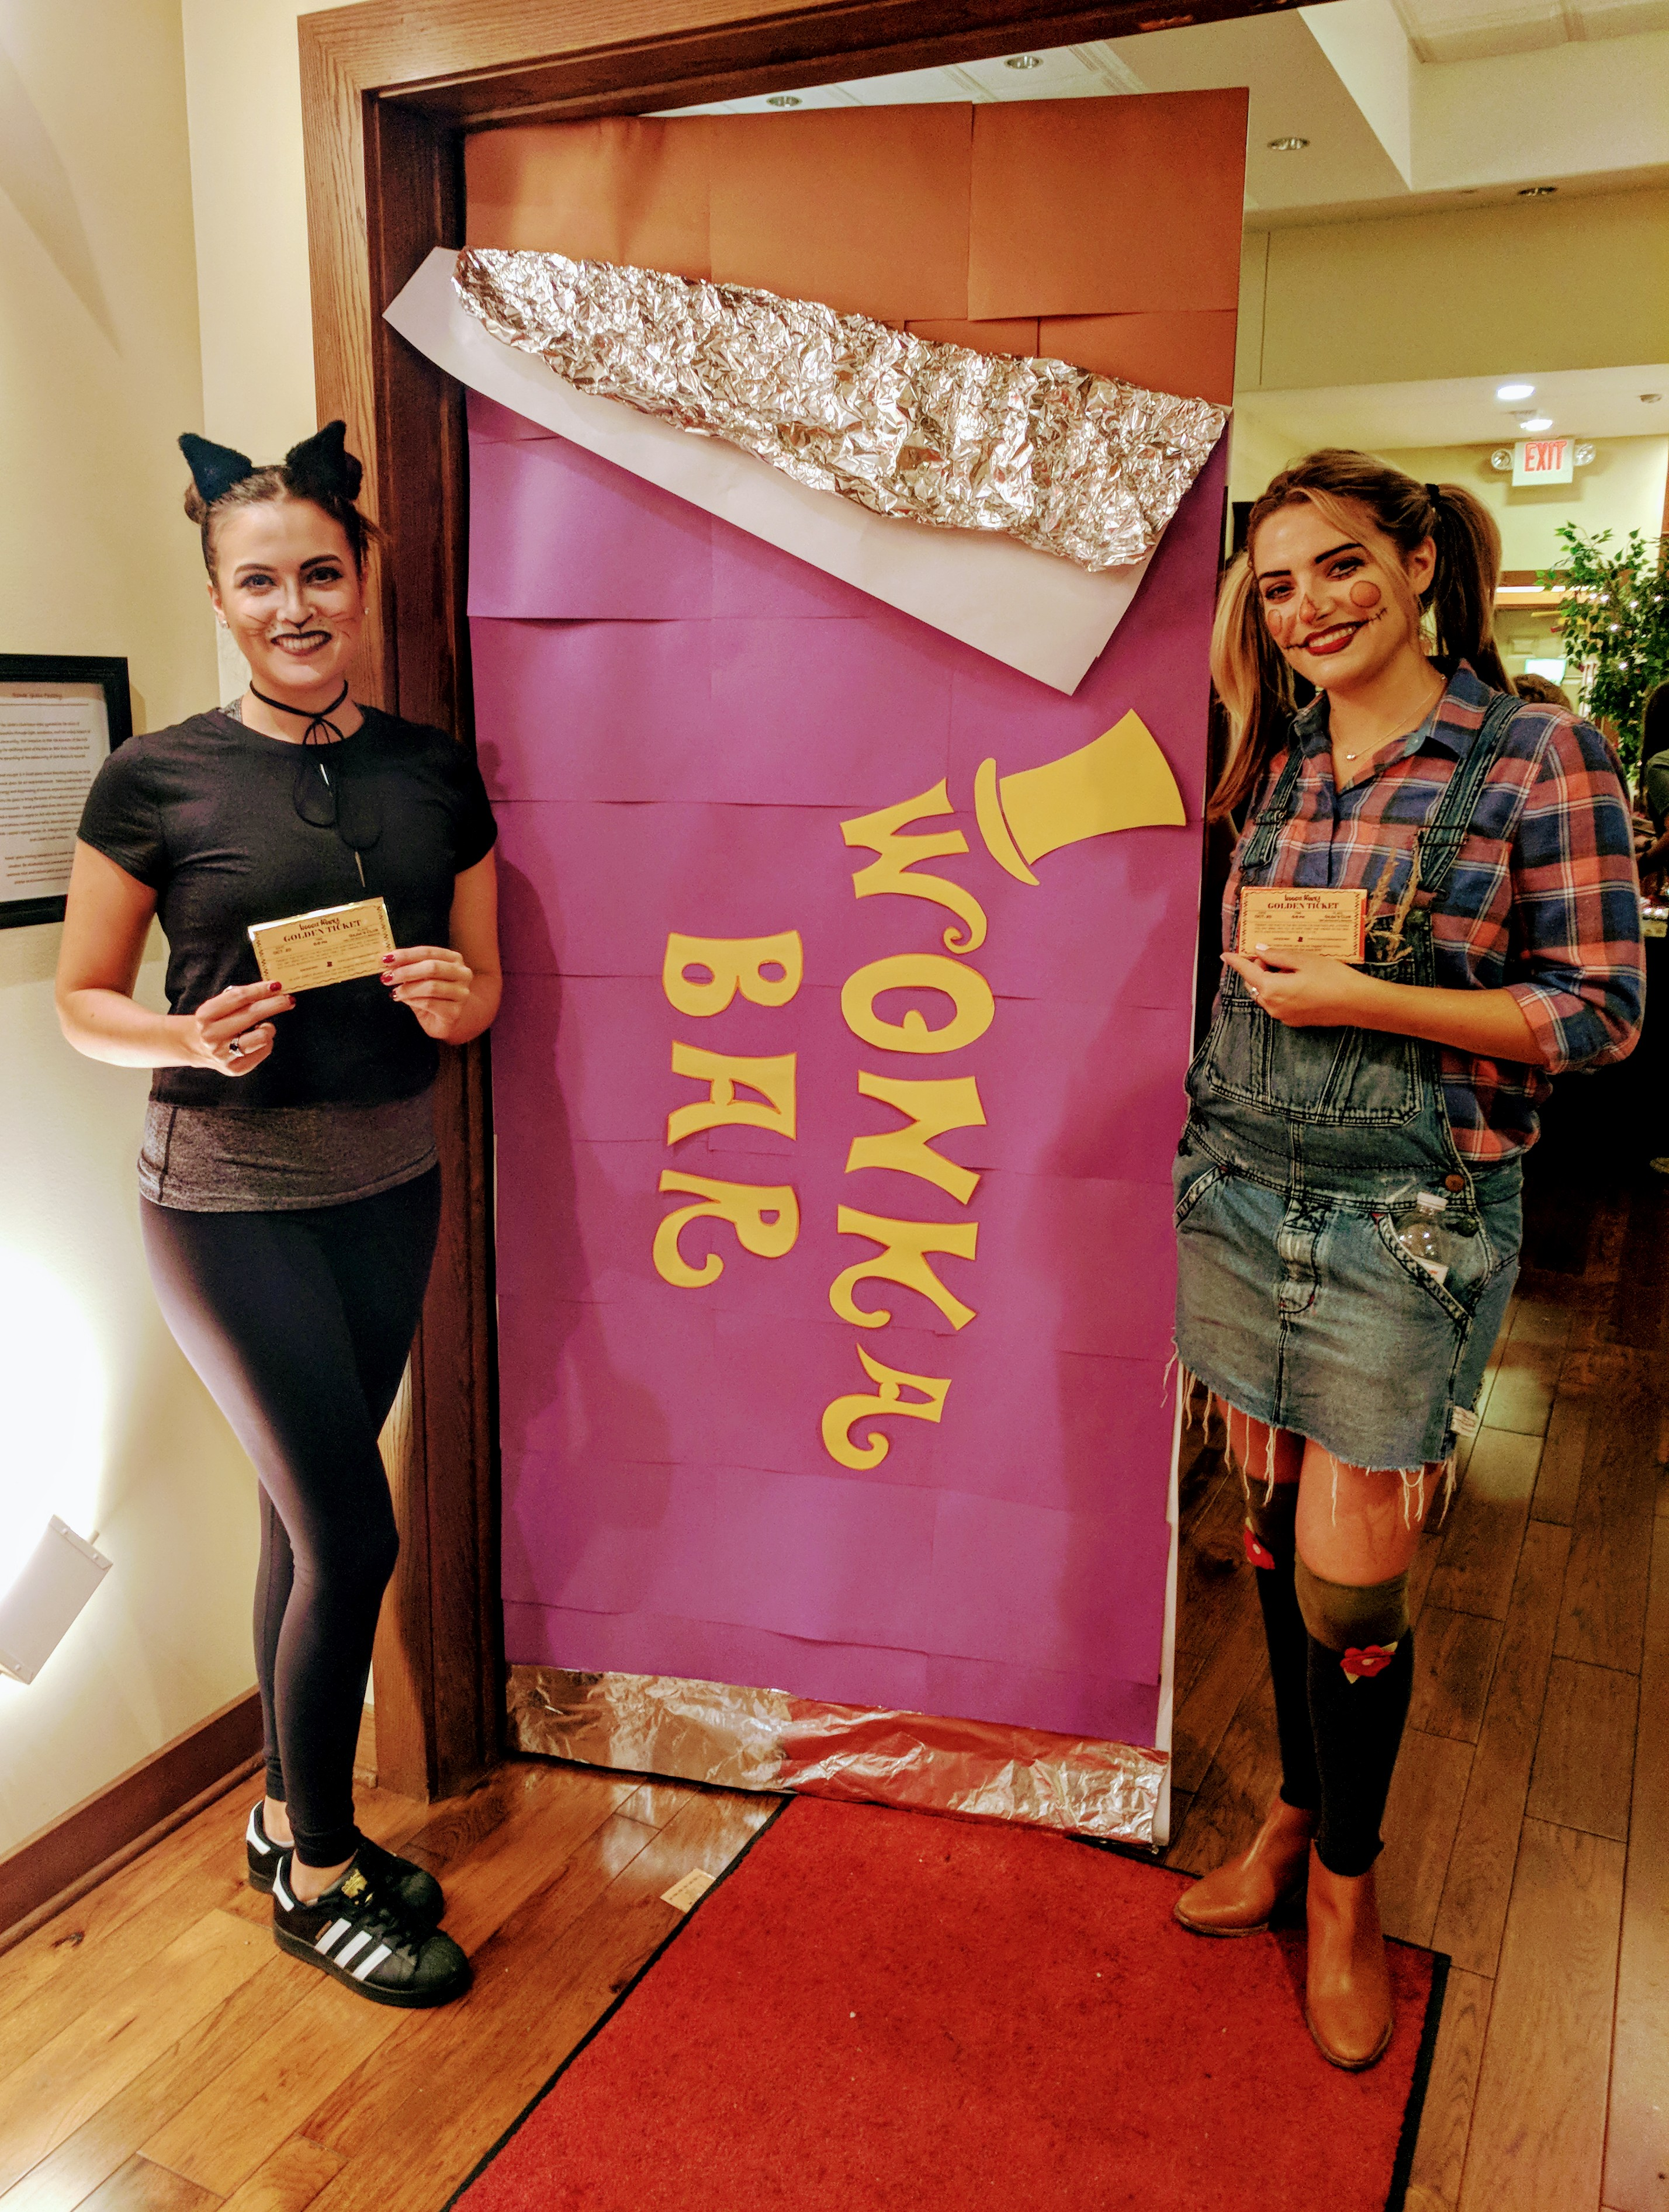 Gilda's Club - Noogie Wanka 2017